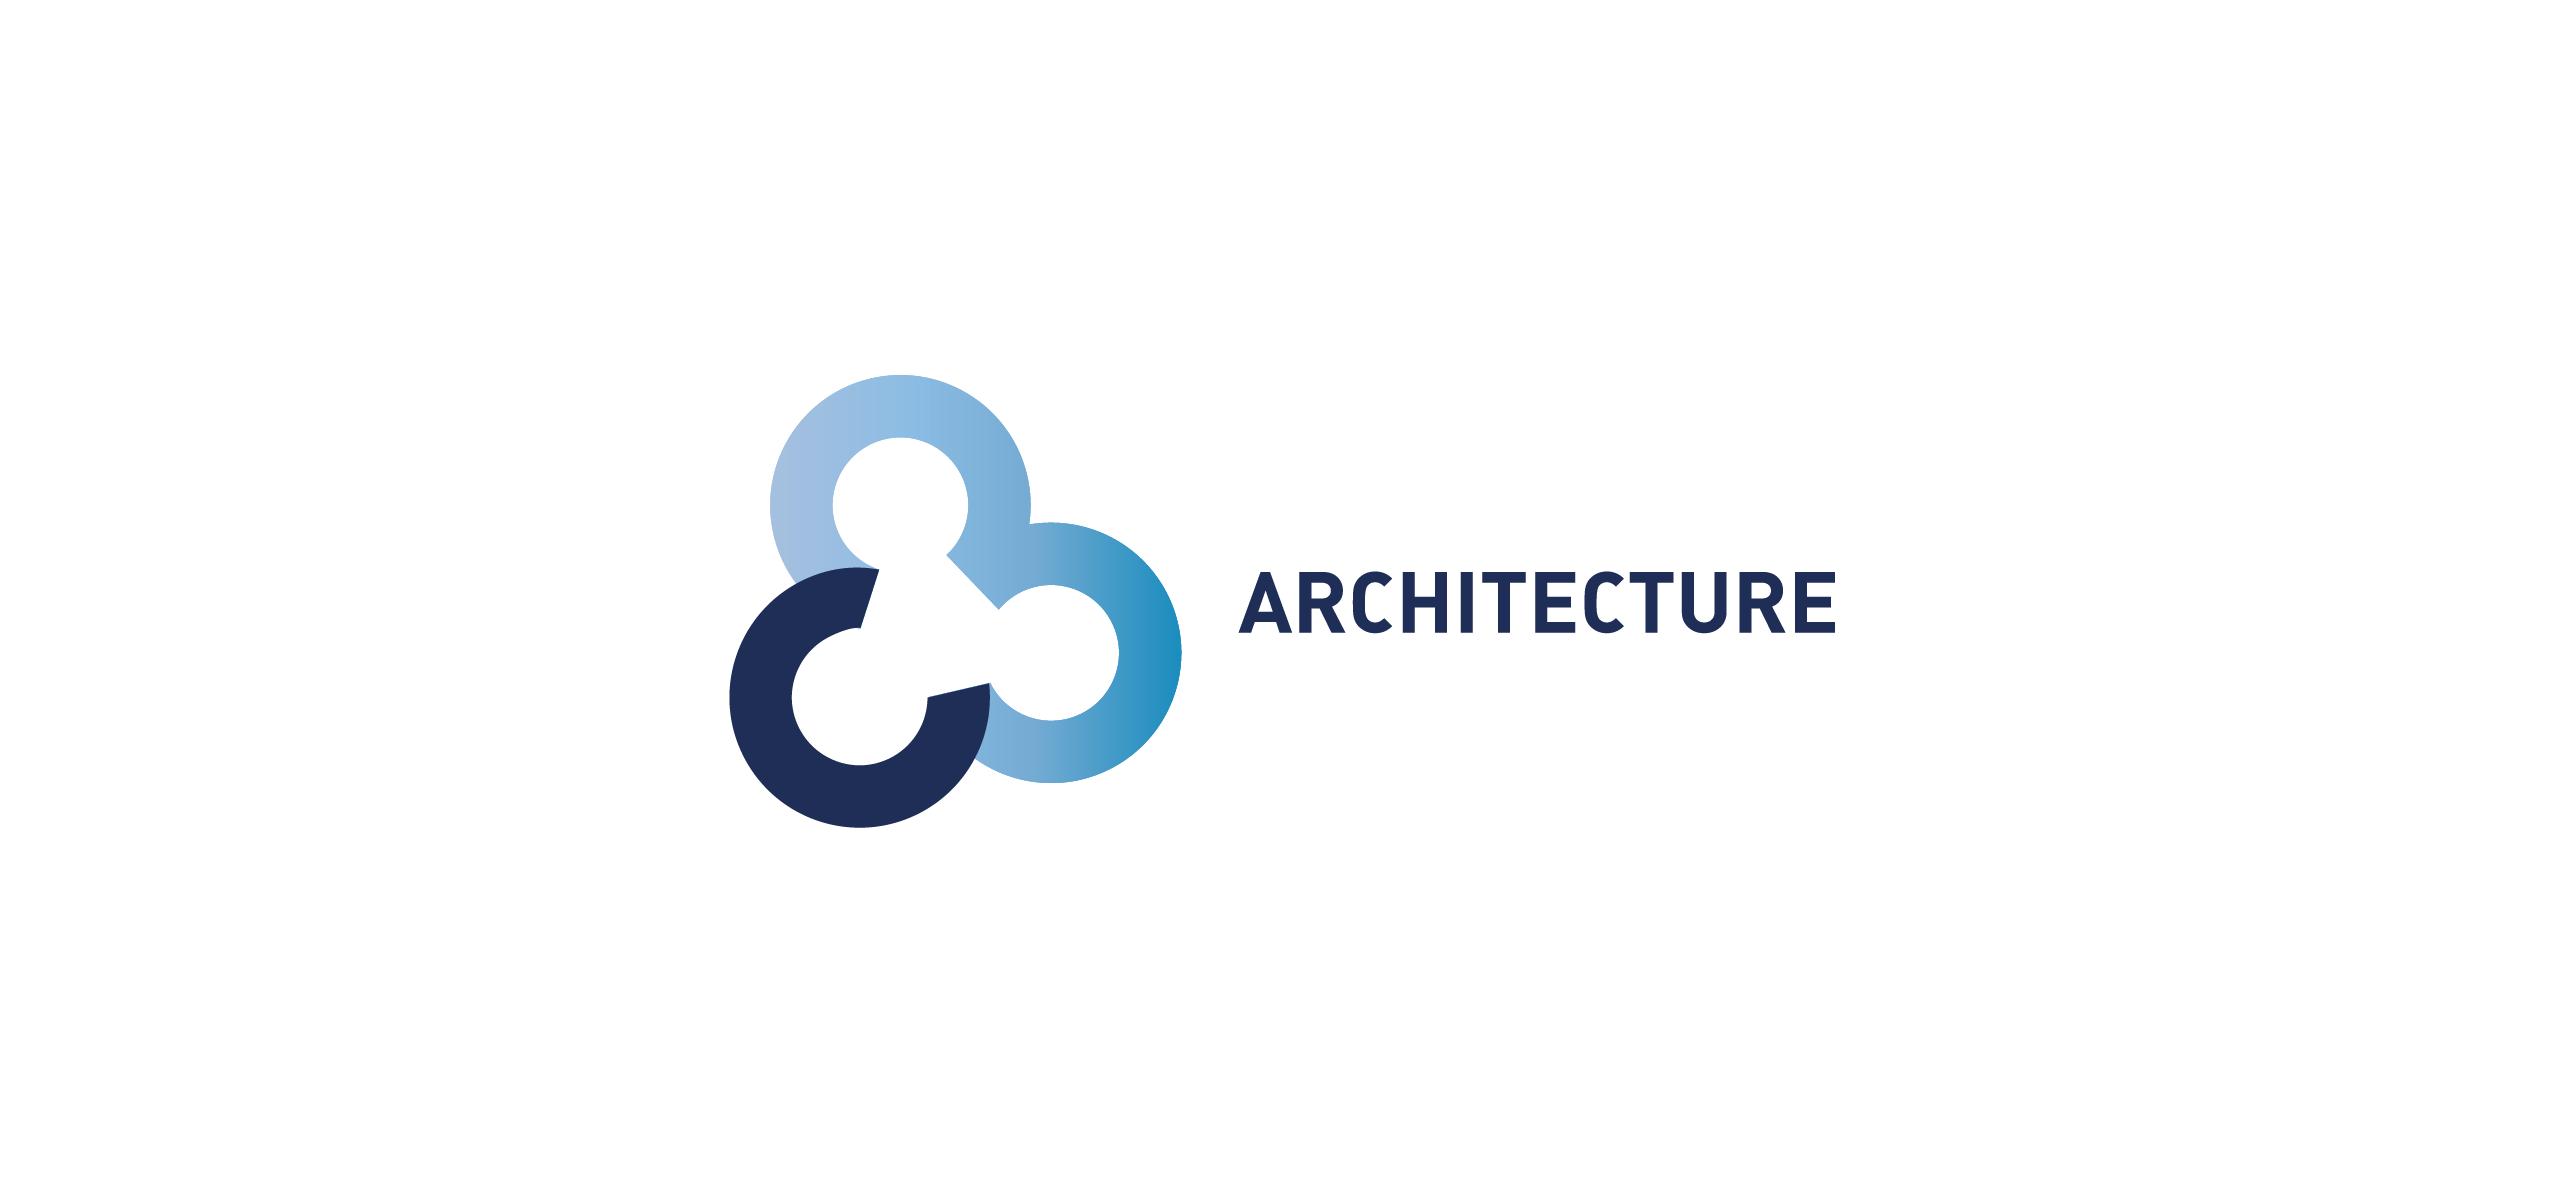 Communication, digital, identité pour C3 Architecture par l'agence Cassian